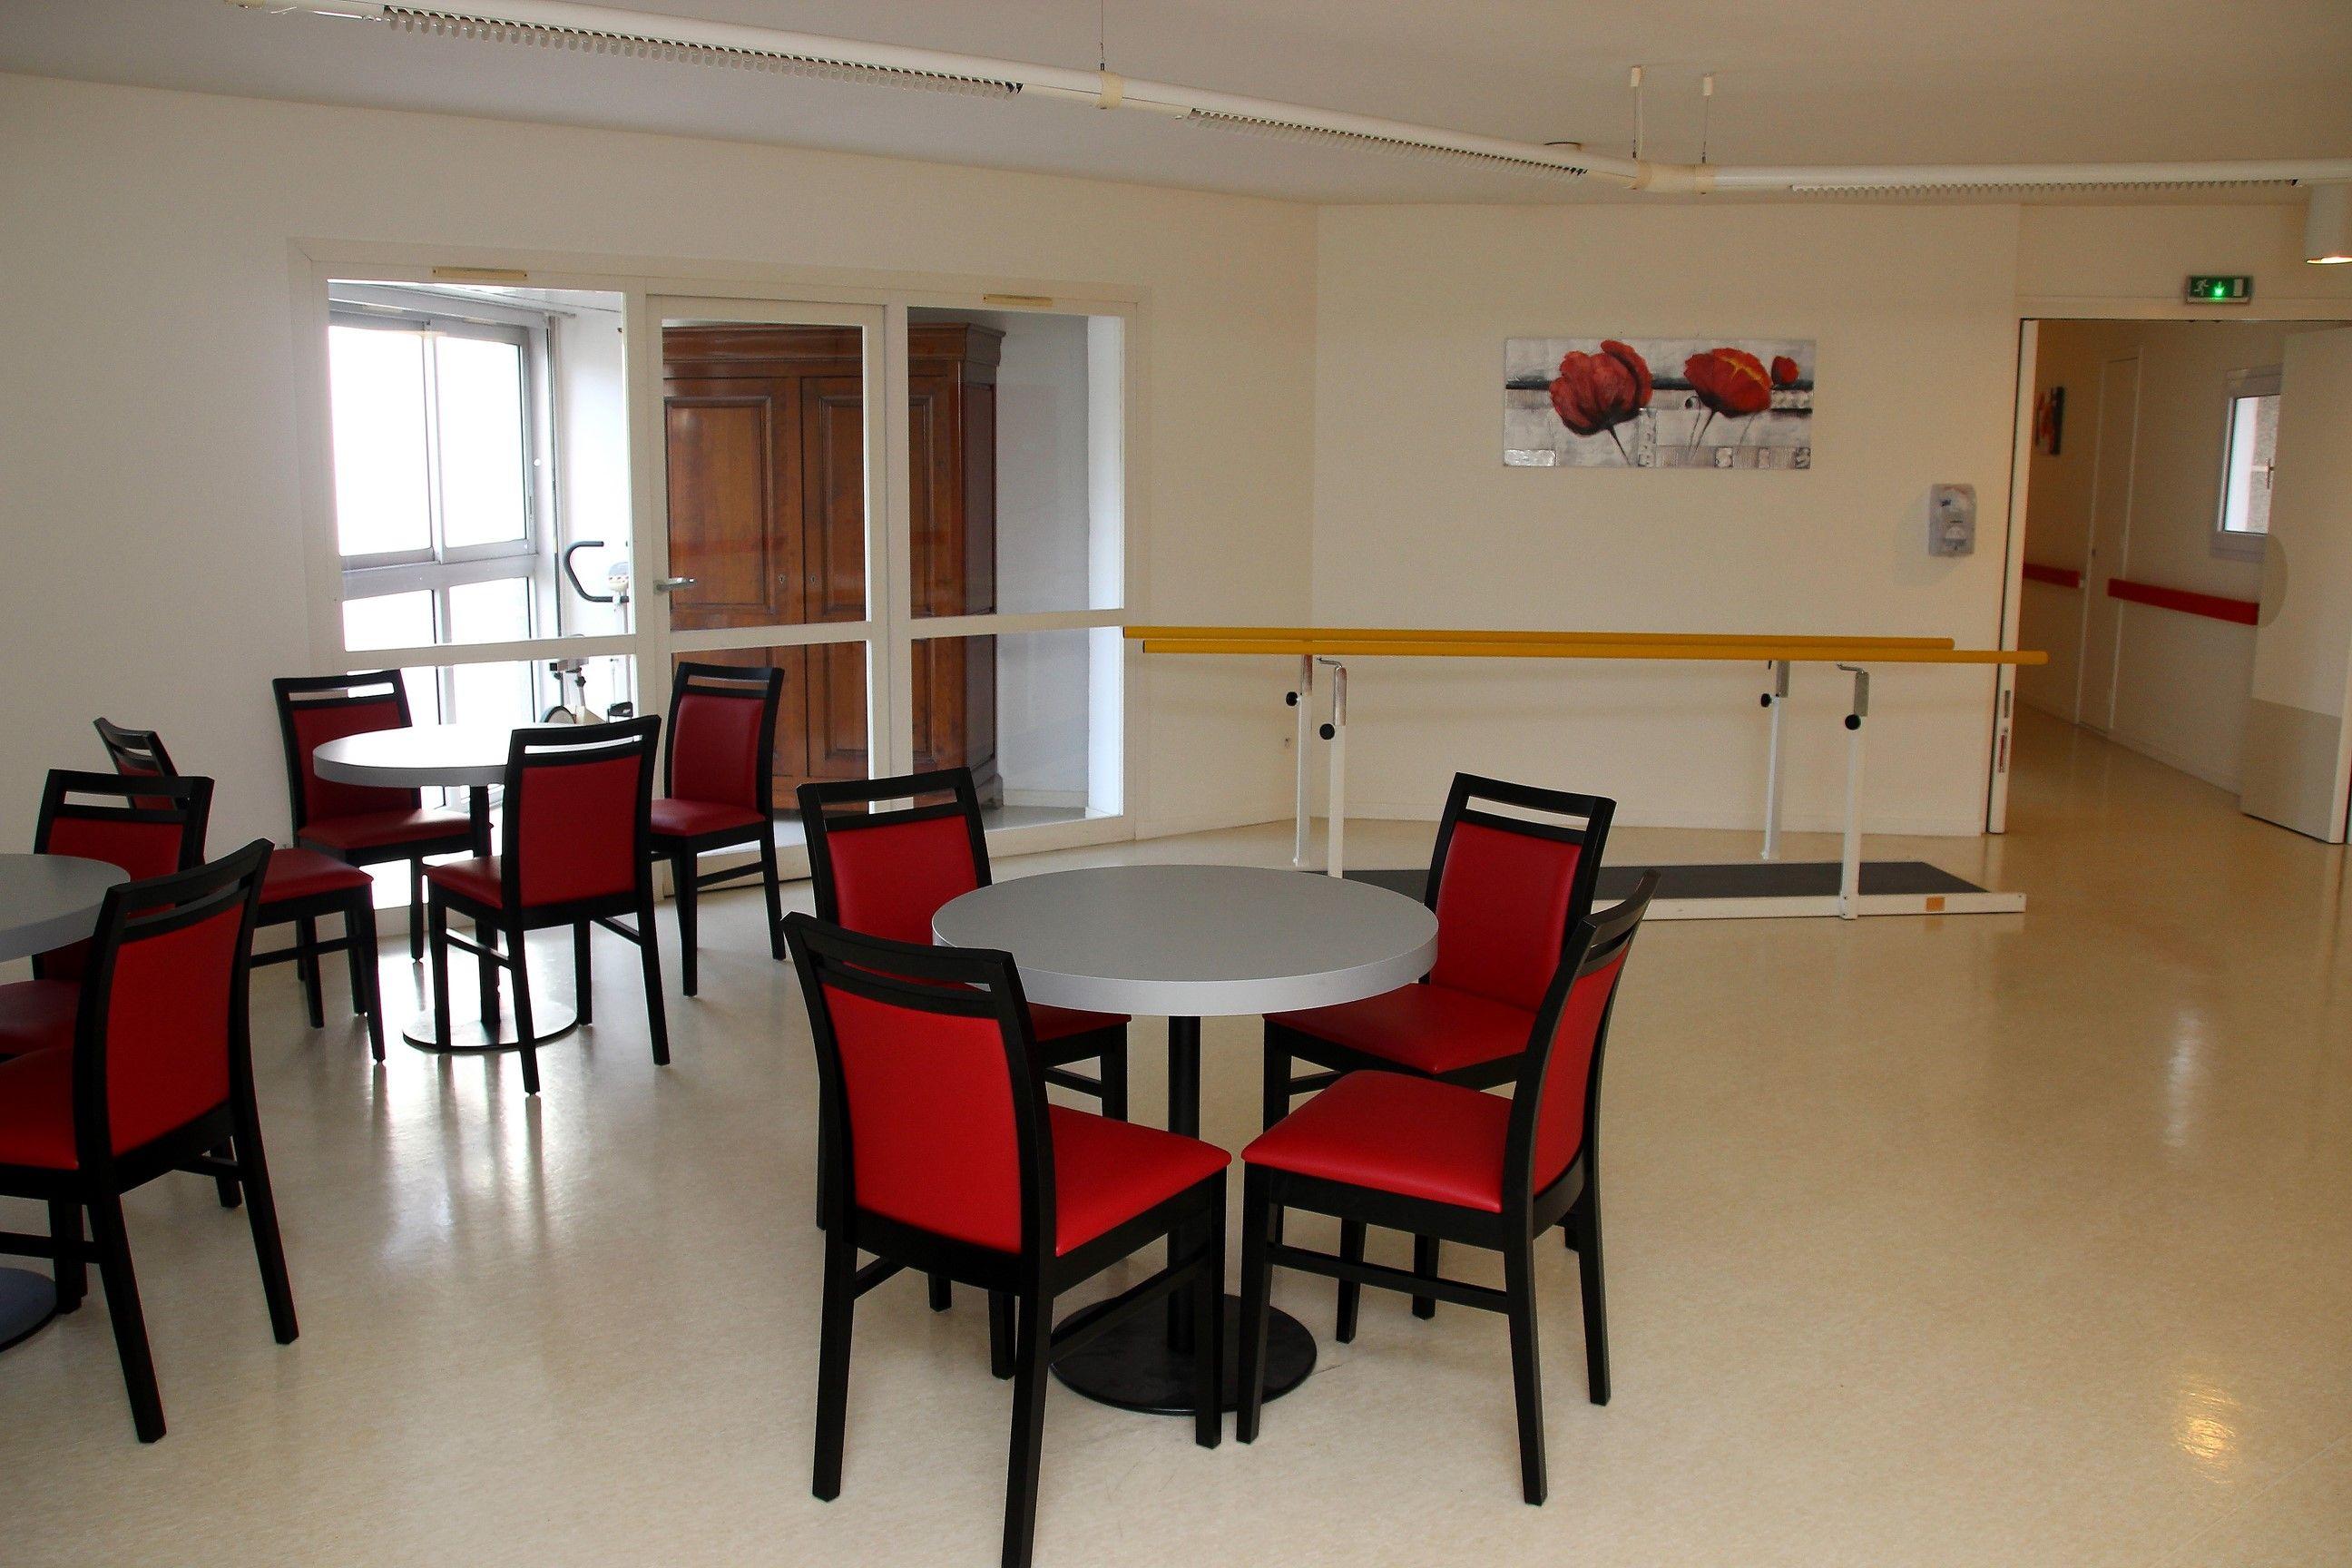 Salle de bain therapeutique ehpad - Cuisine therapeutique ehpad ...